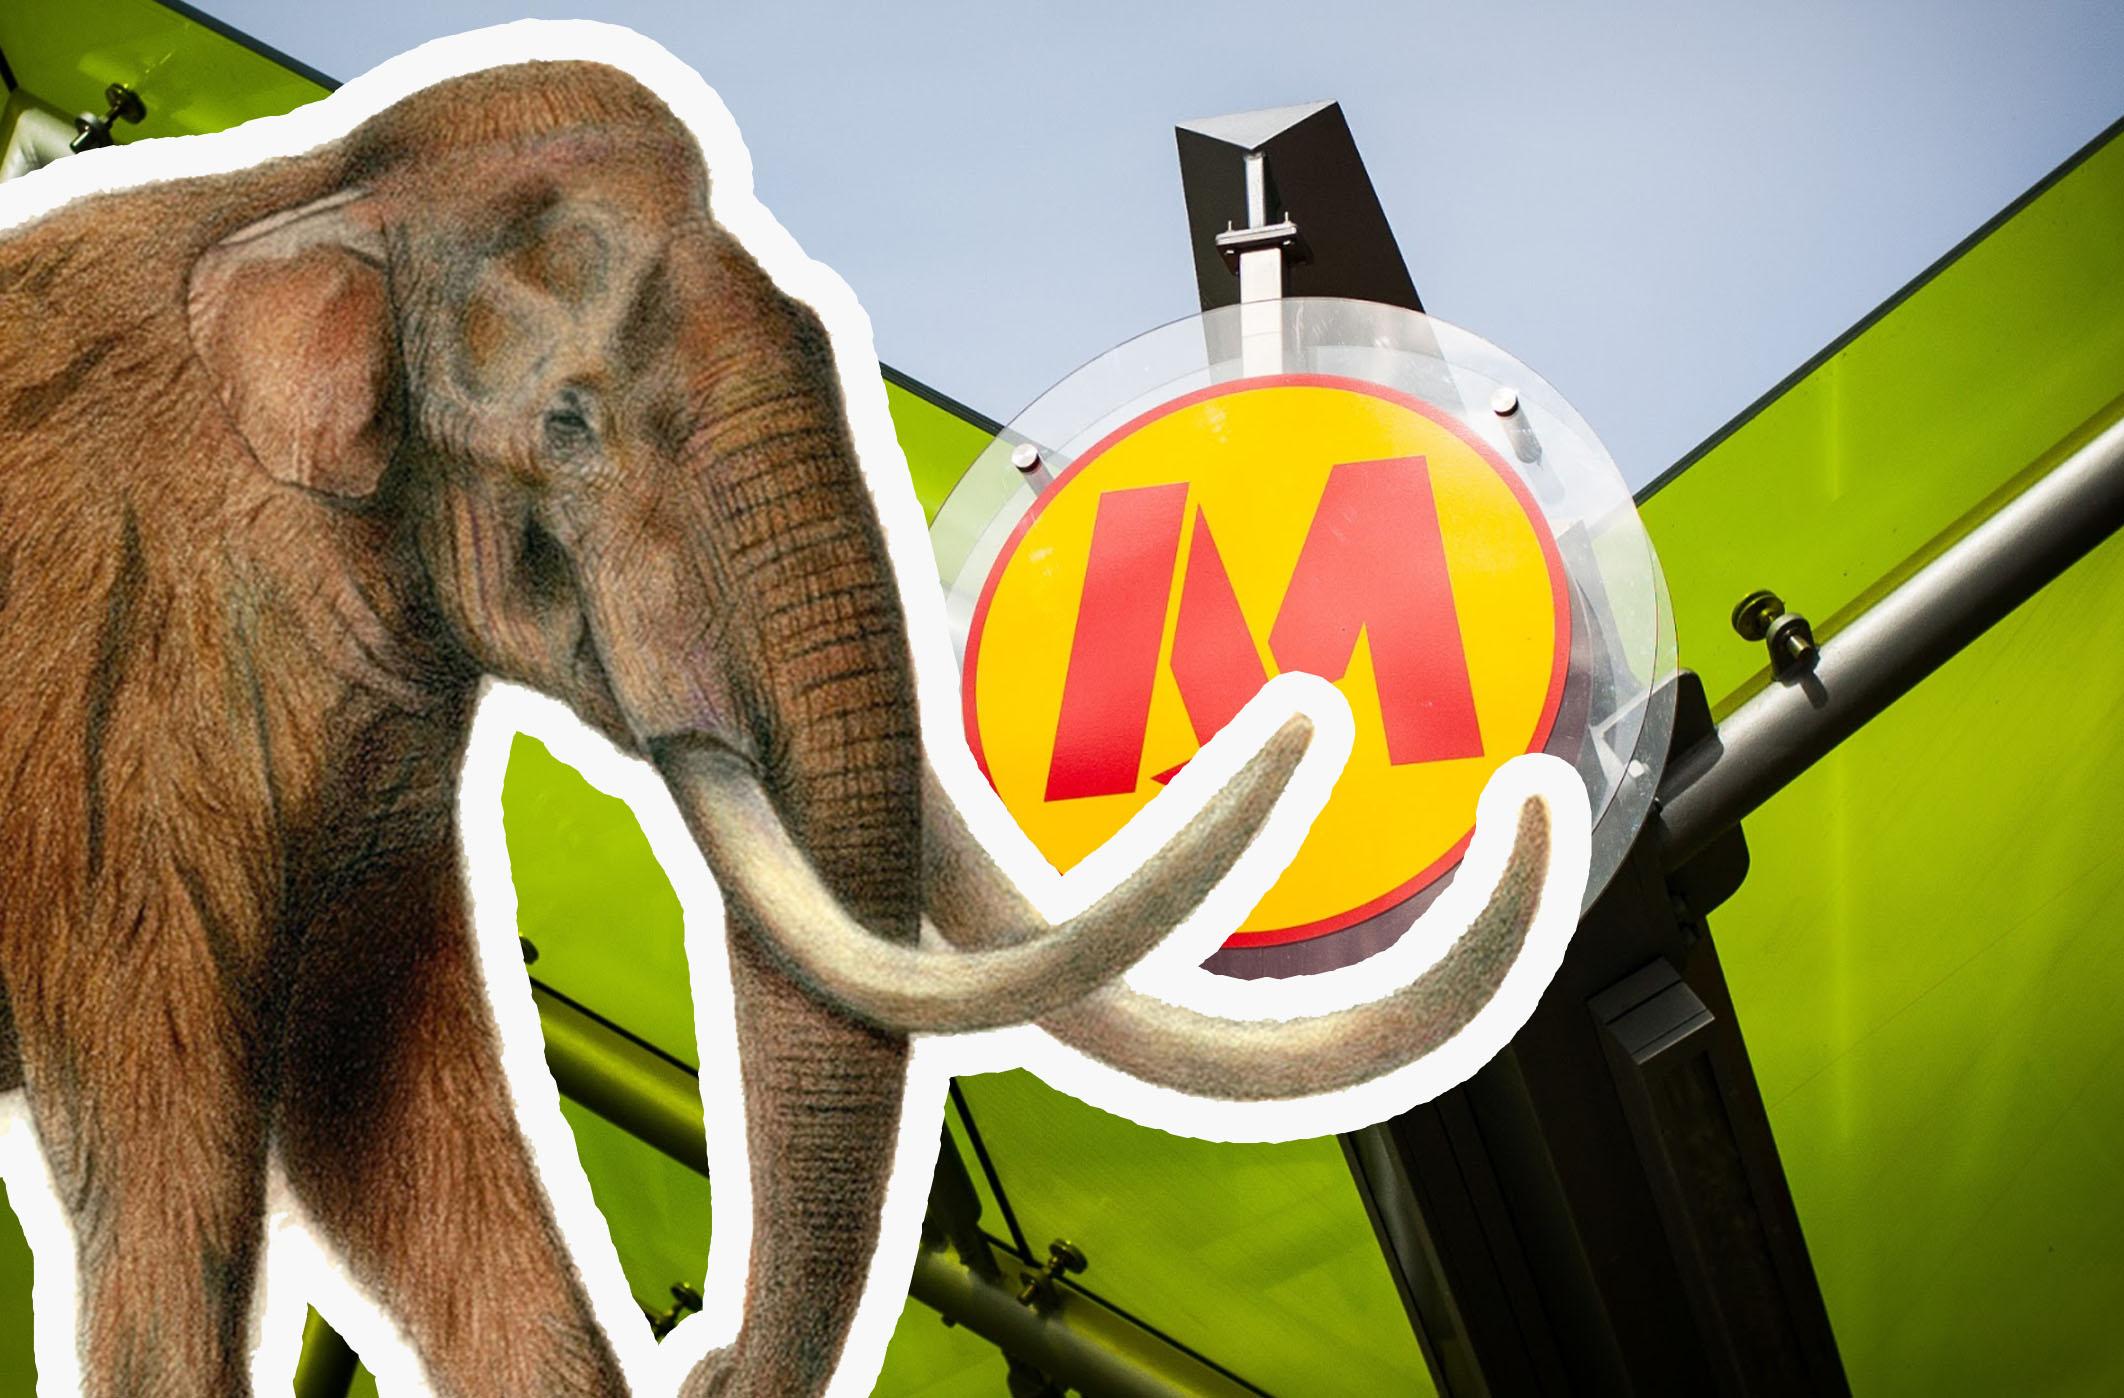 Odkryto kości mamuta lub słonia leśnego podczas budowy metra w Warszawie